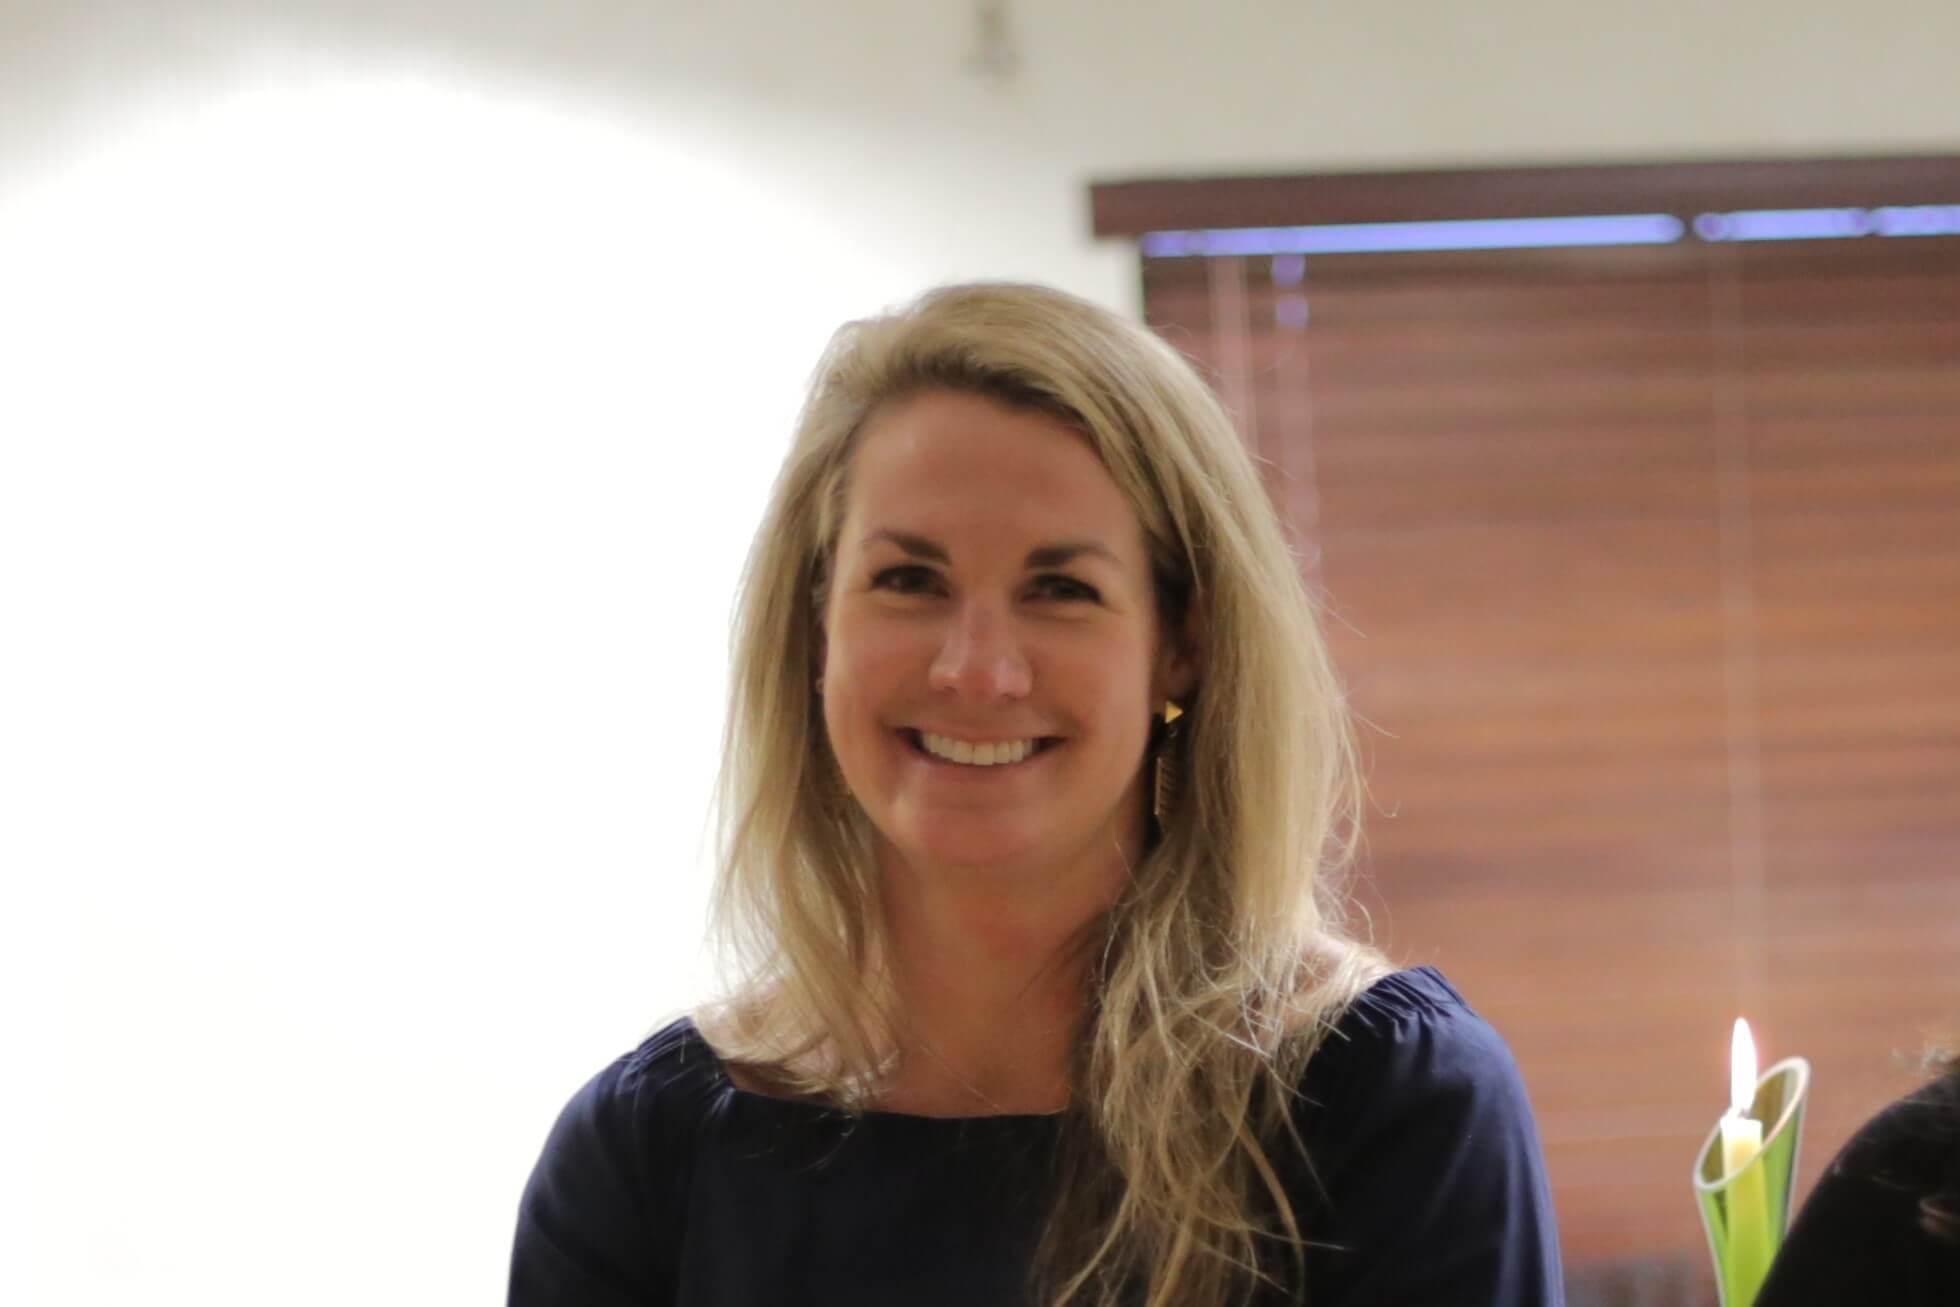 Dr. Leah Wilkins